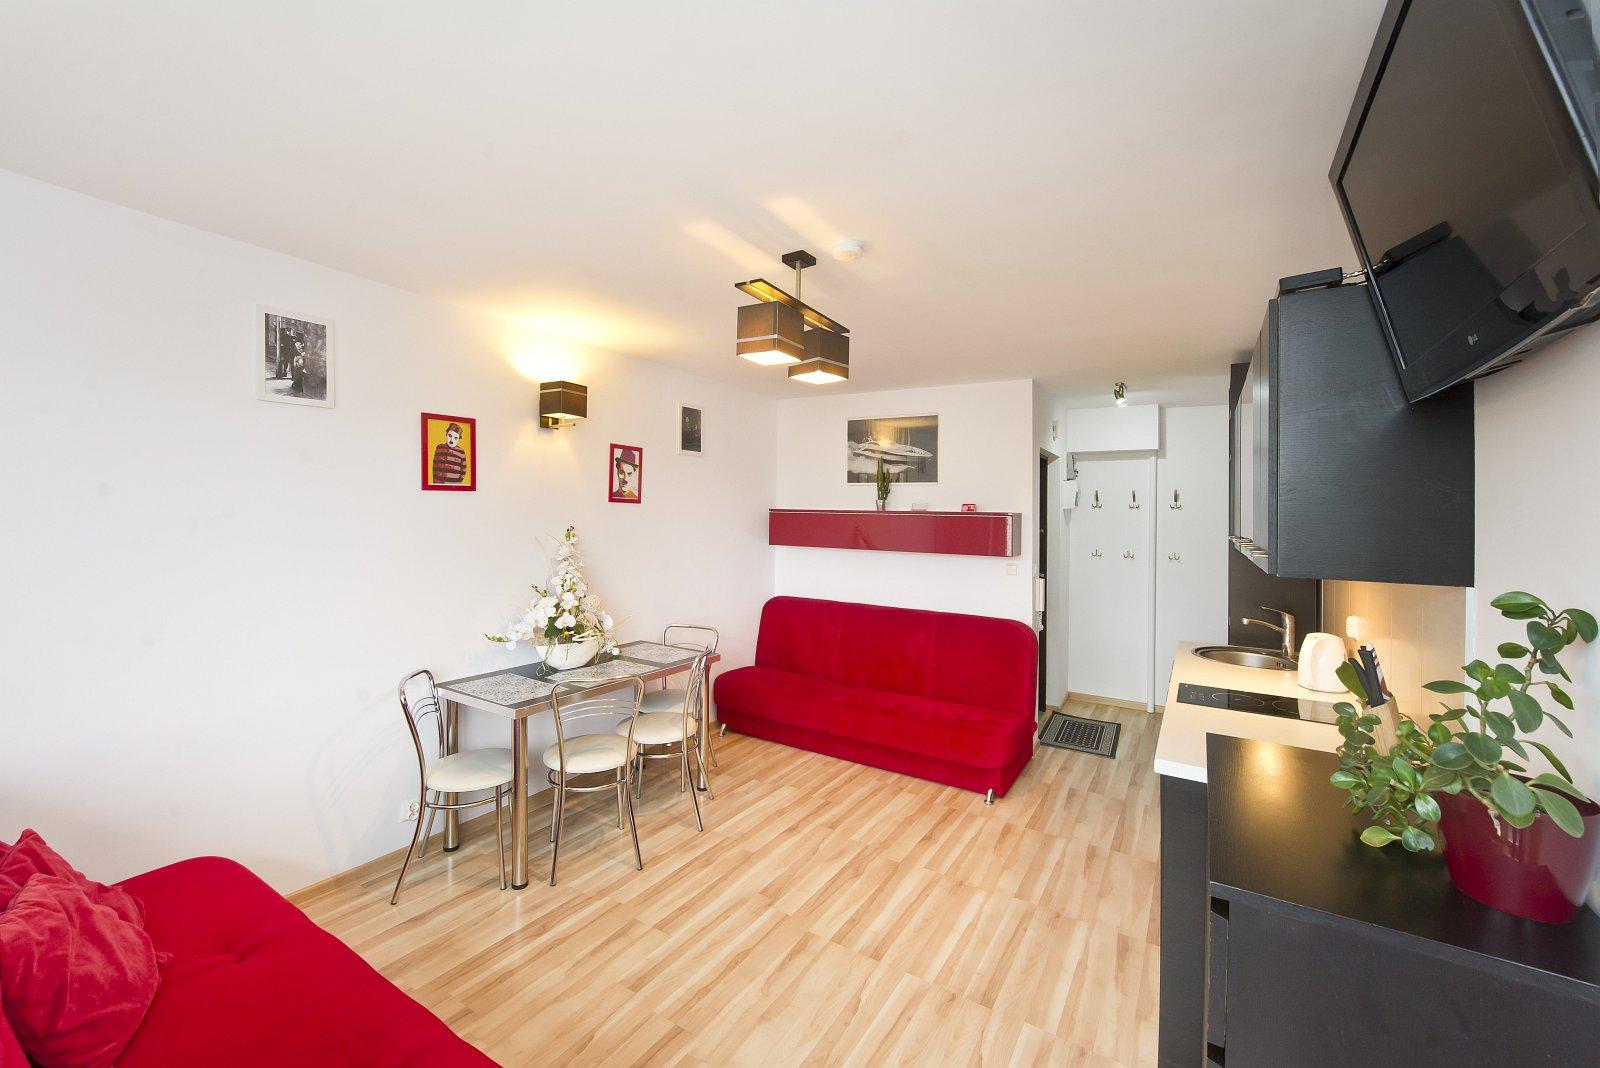 mieszkanie-wynajem-gdansk-ow6-01-03web